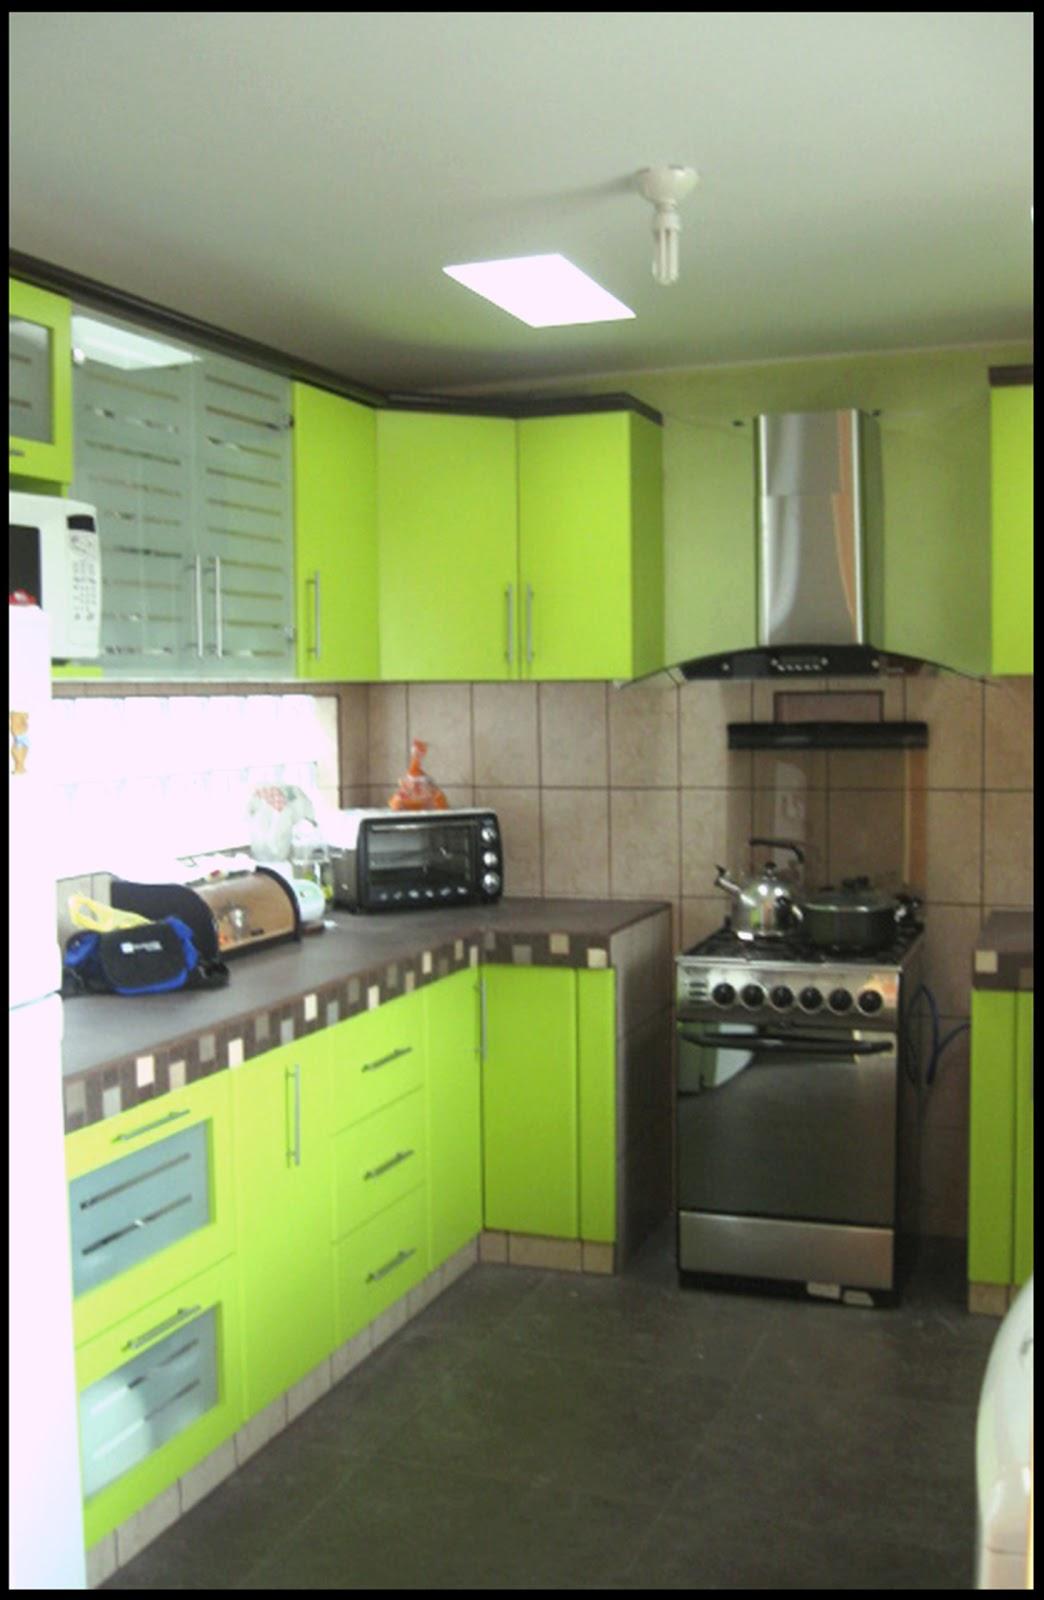 Muebles jose luis chingay mueble de cocina modelo juvenil for Modelos de muebles de cocina en melamina